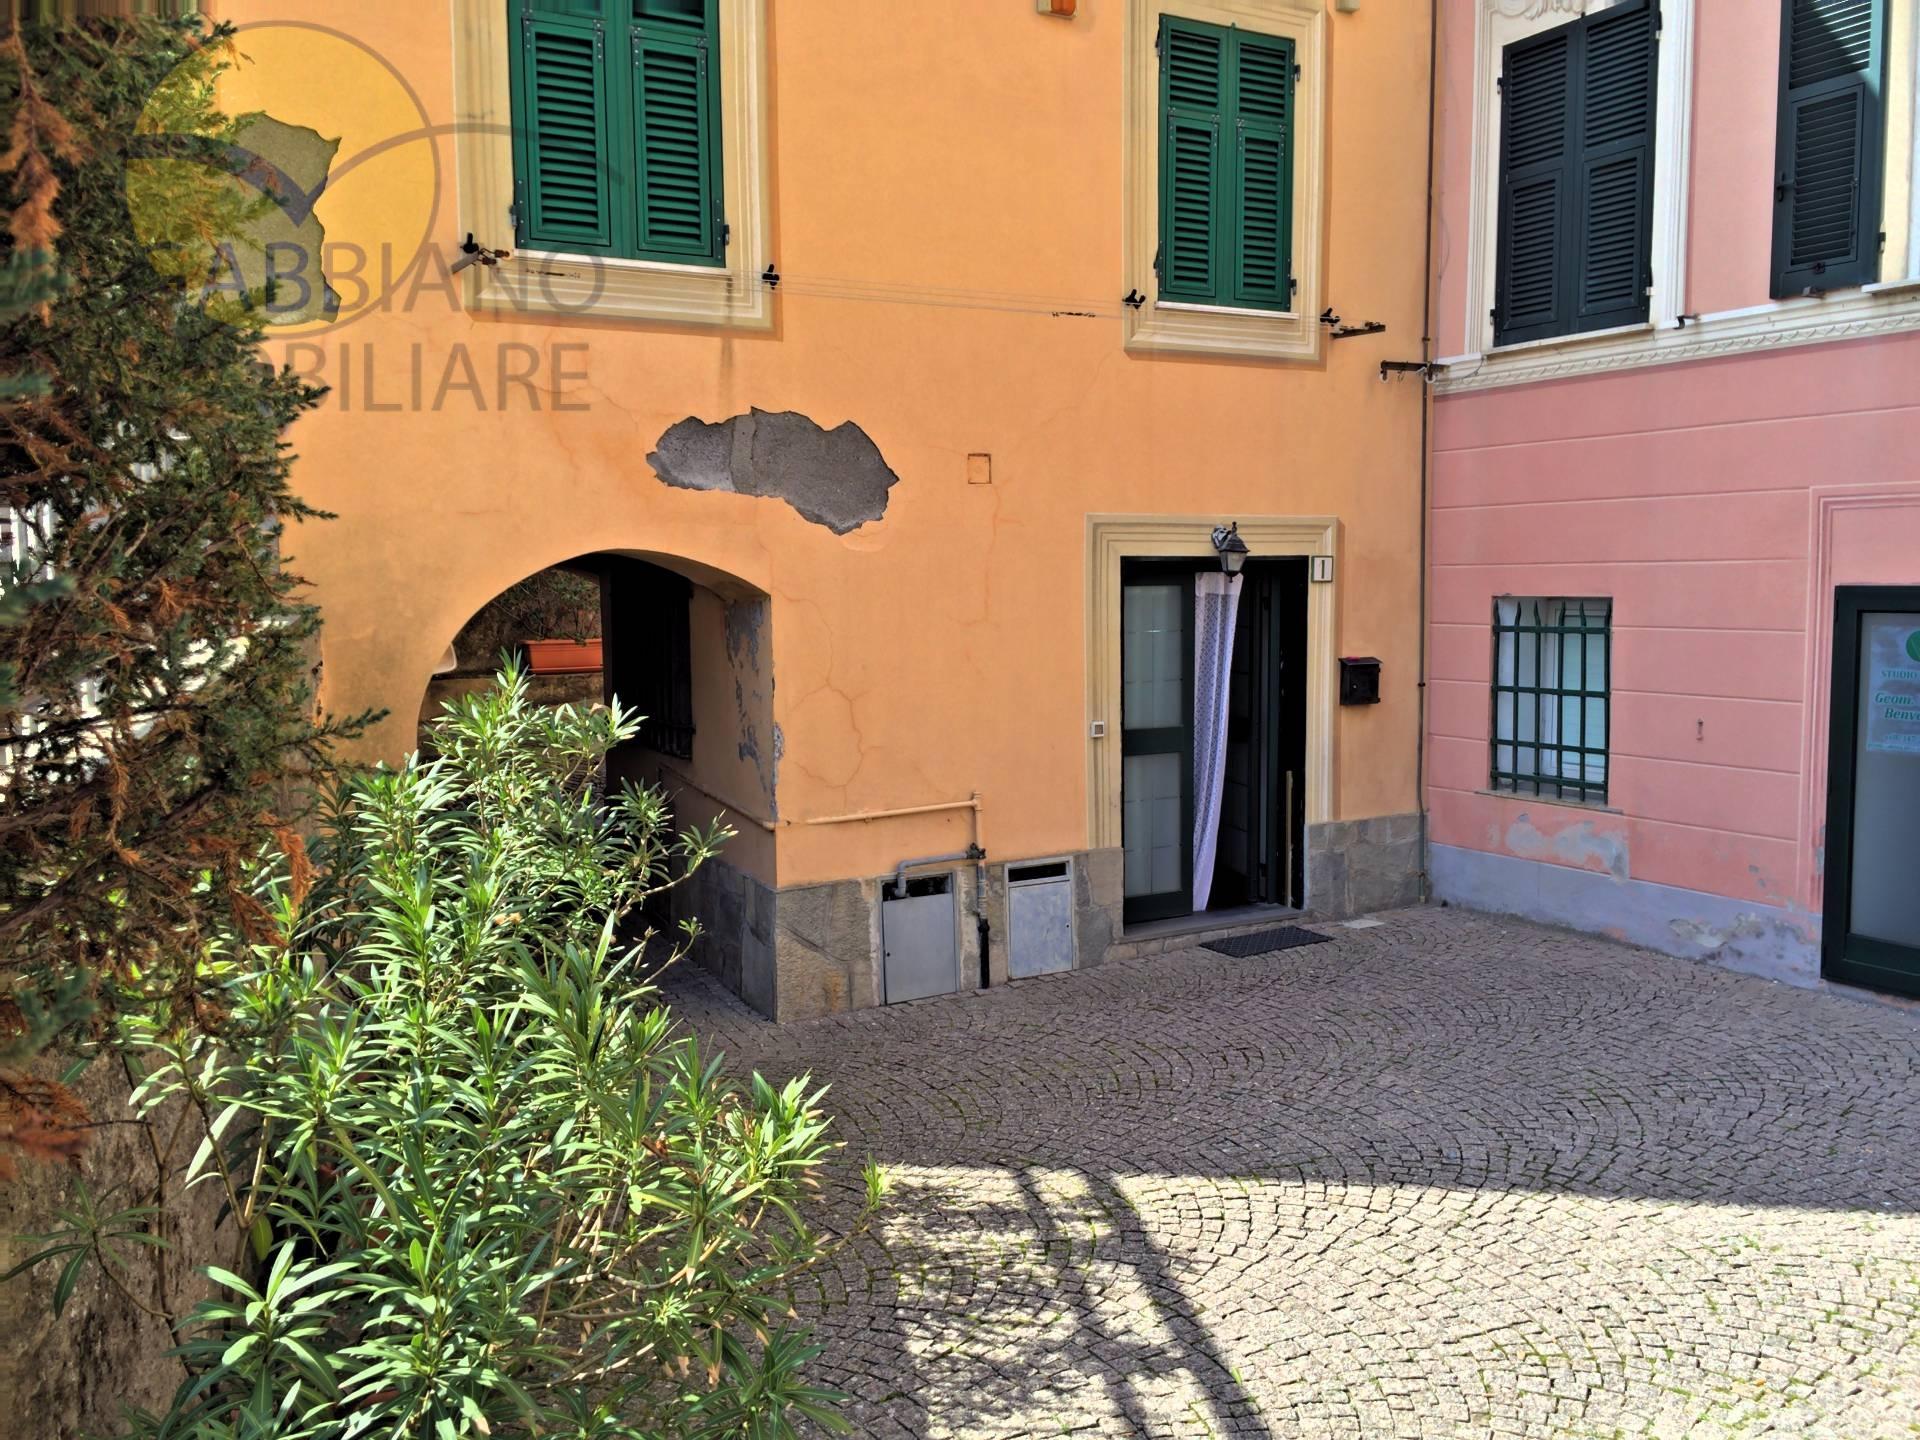 Bilocale Sori Piazza Martiri Della Liberta 2